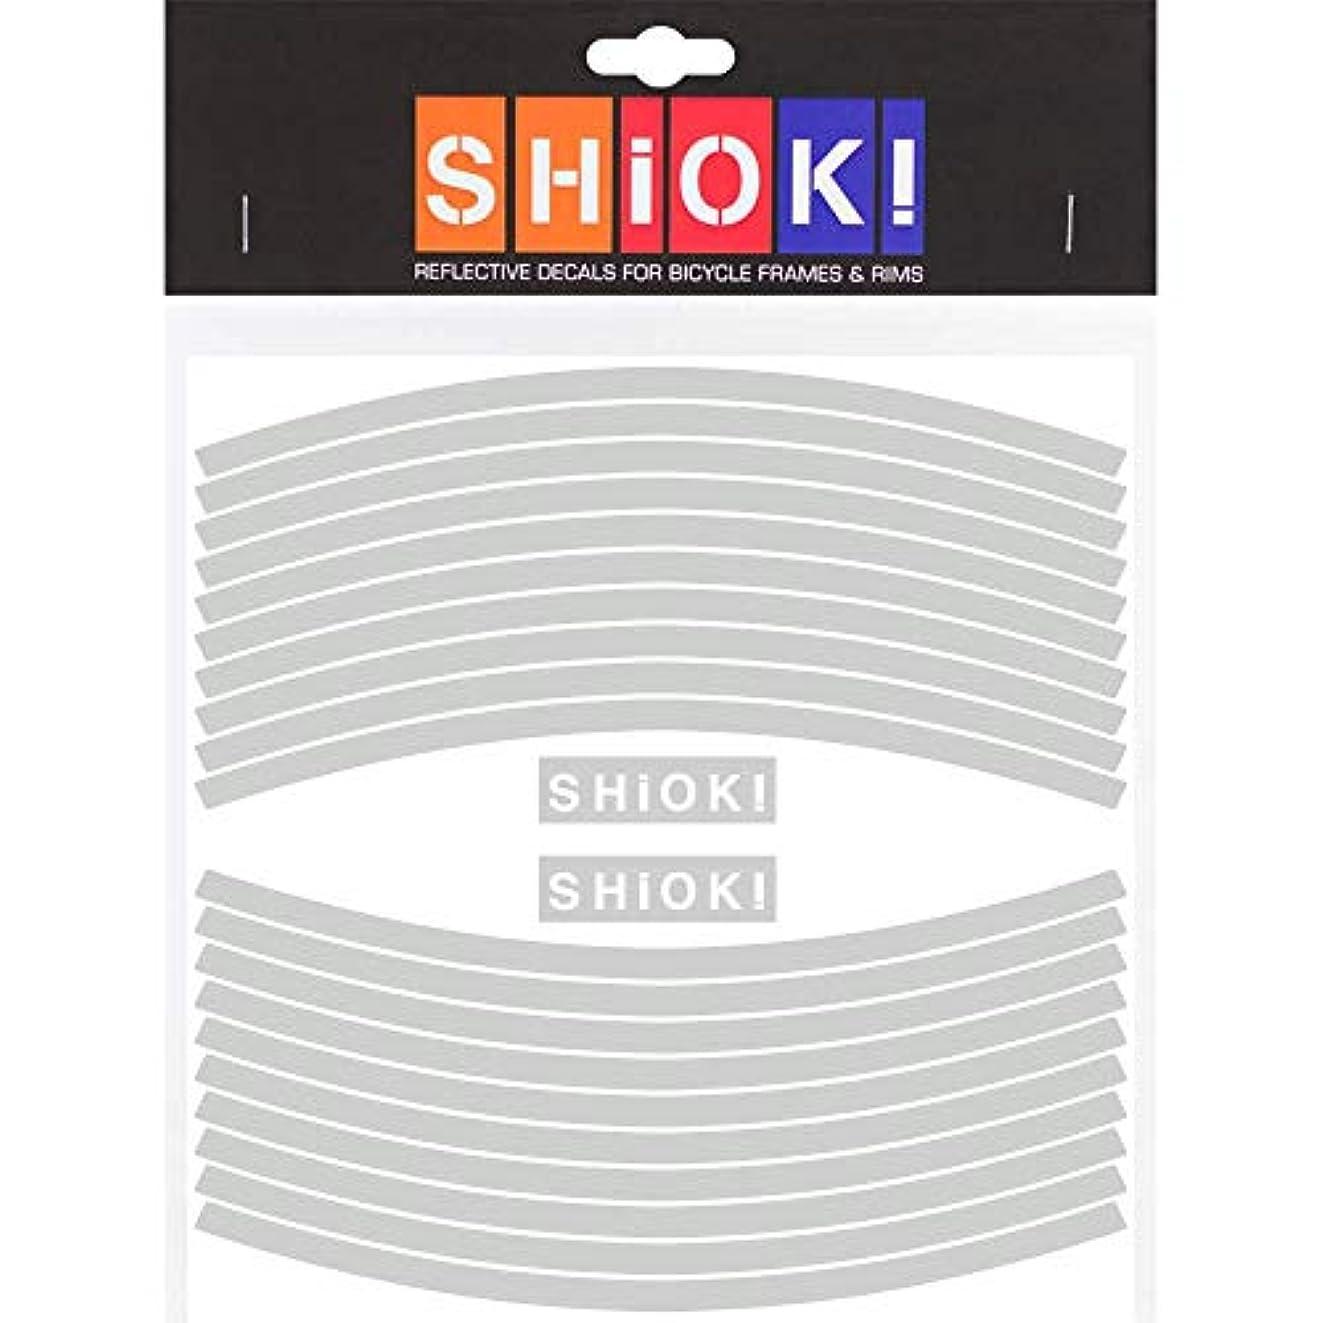 家マット持っているSHIOK - ストレートリム反射ステッカー - 自転車用安全デカール